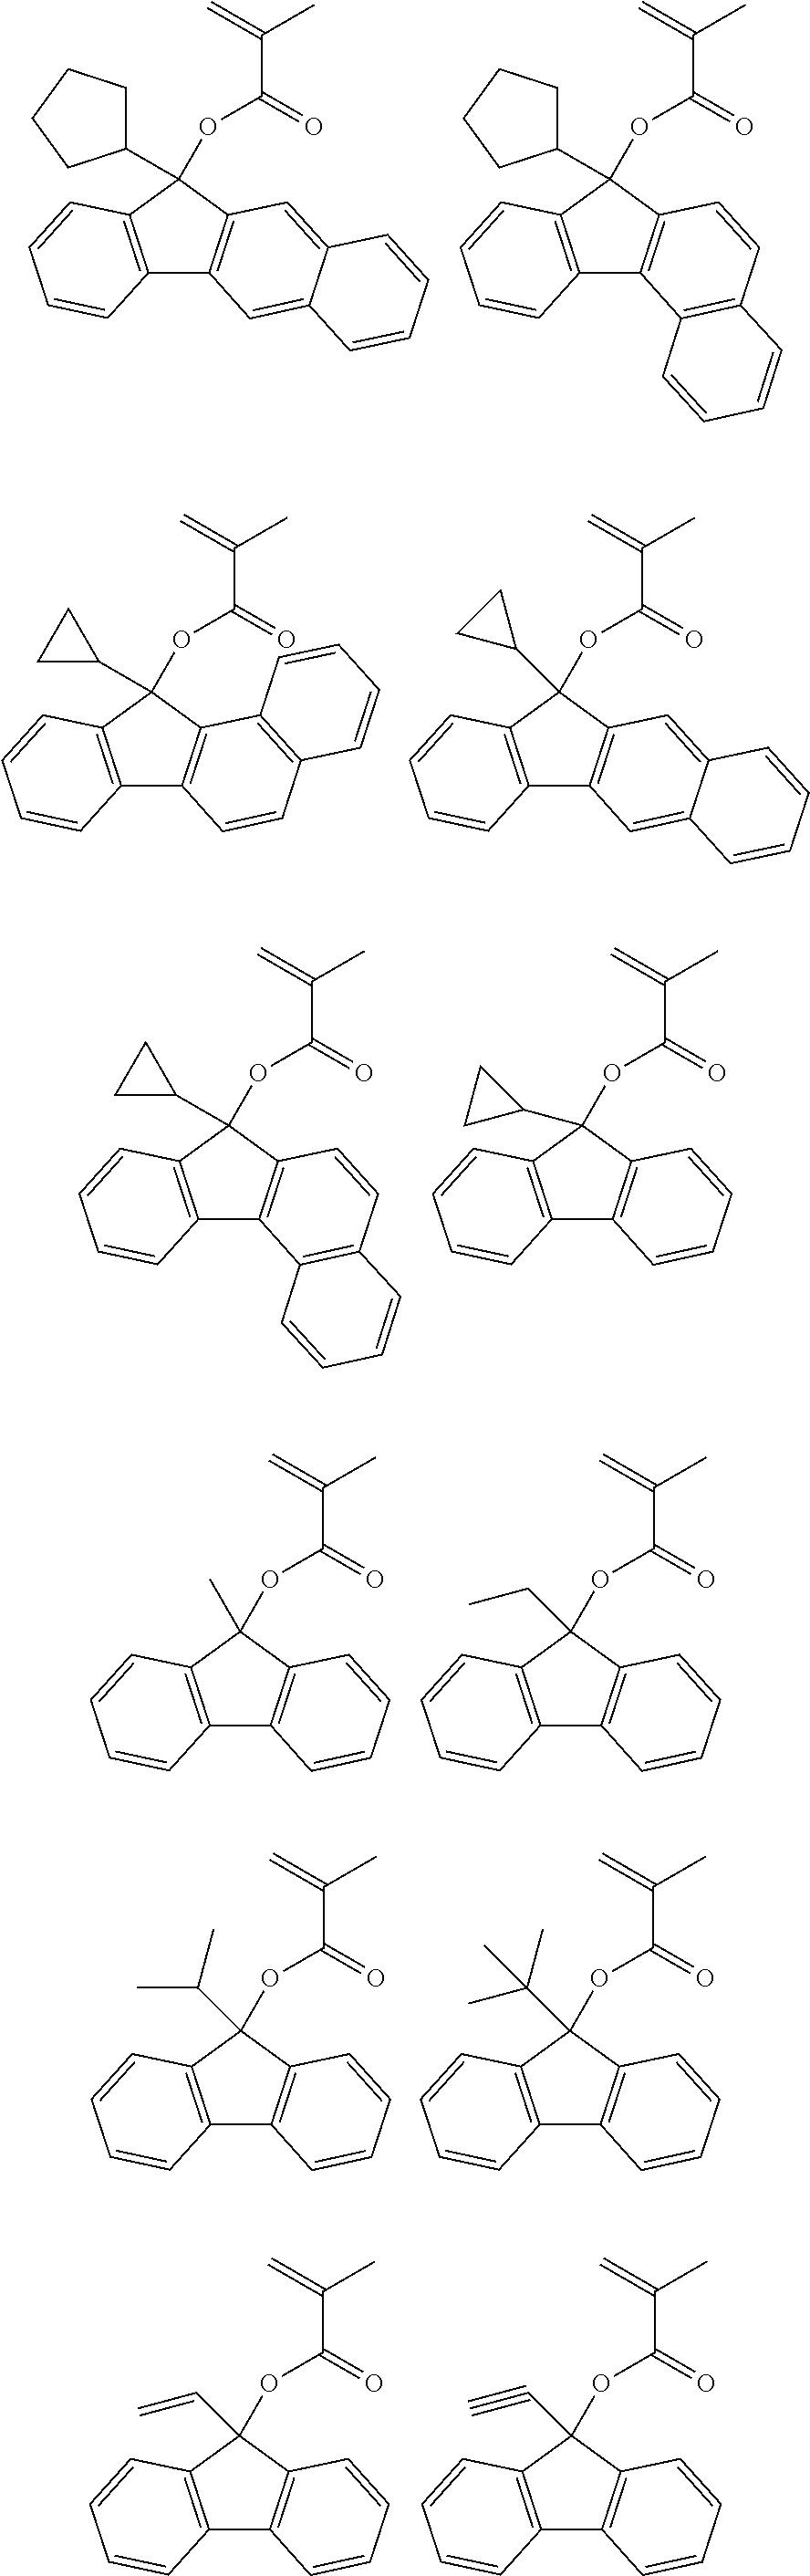 Figure US09023586-20150505-C00053